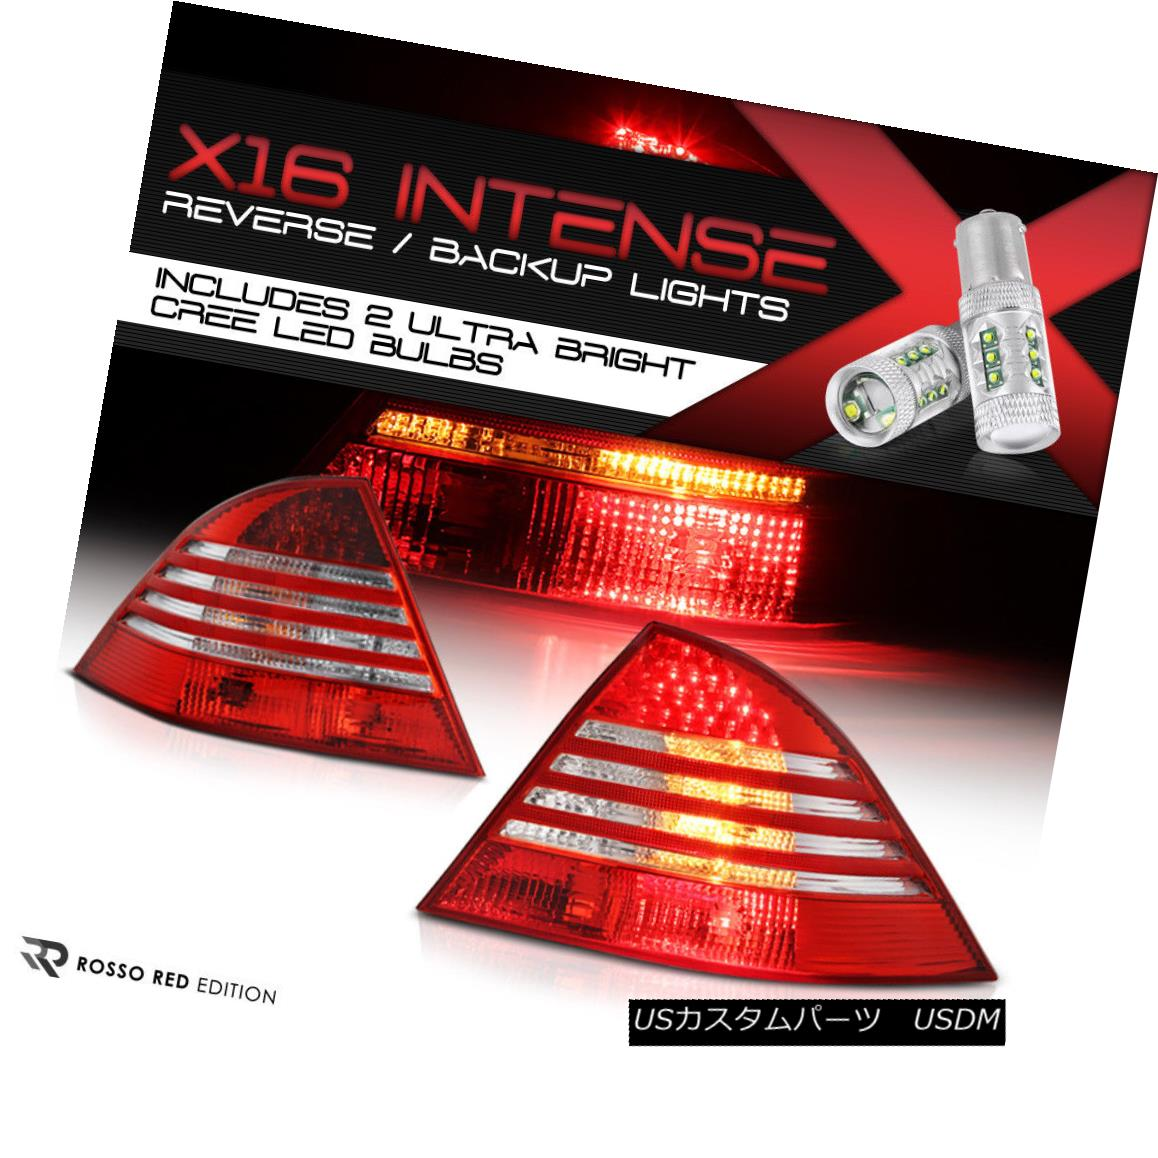 テールライト High-Power CREE Backup 00-05 Mercedes Benz W220 S-Class LED Tail Lights Red PAIR ハイパワークレイバックアップ00-05メルセデスベンツW220 SクラスLEDテールライトレッドペア